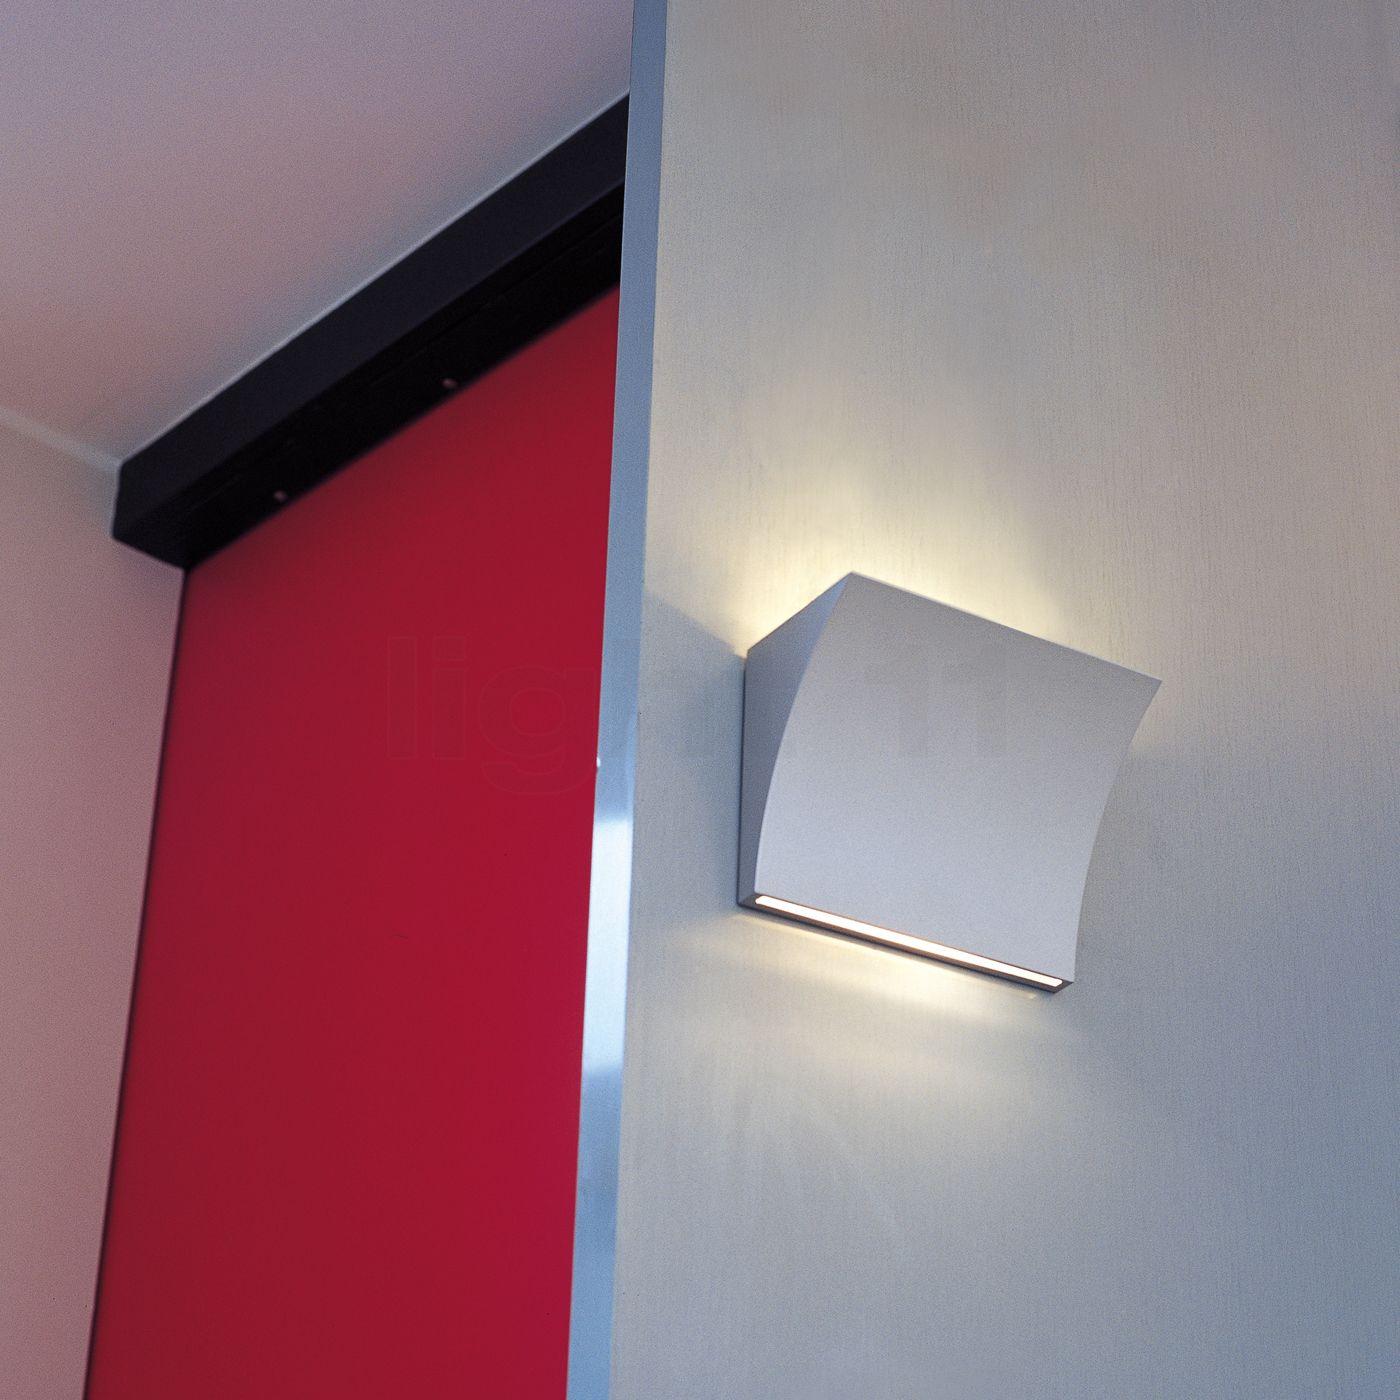 Flos_Pochette_Up_Down_Fluo--2000158900007_6_u Faszinierend Up Down Lampe Dekorationen